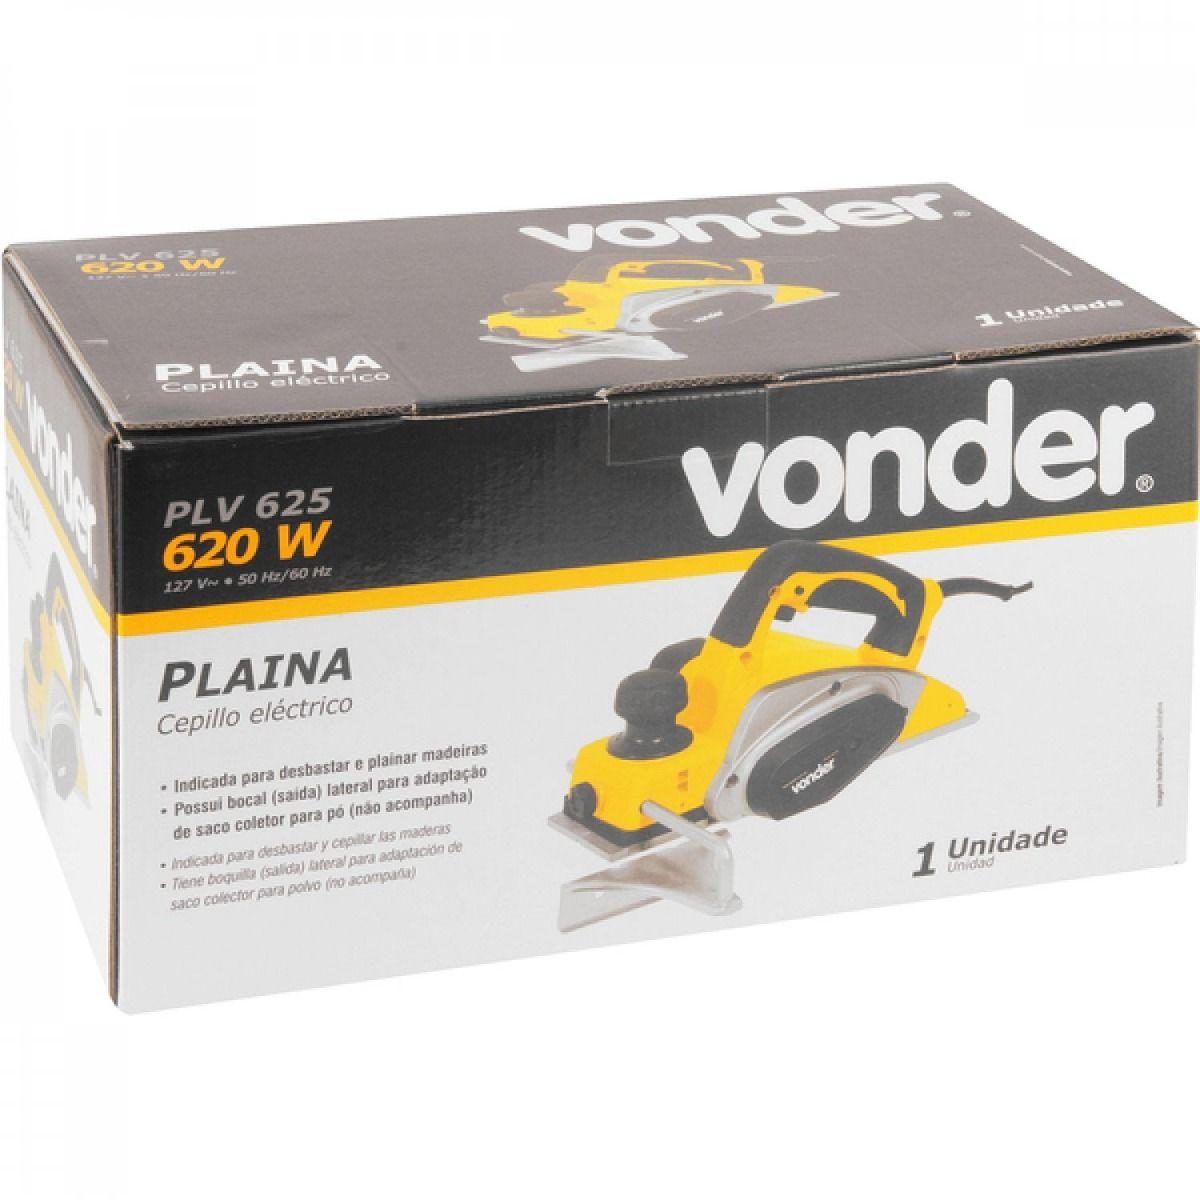 Plaina Elétrica Plv625 Vonder 620w - Vonder